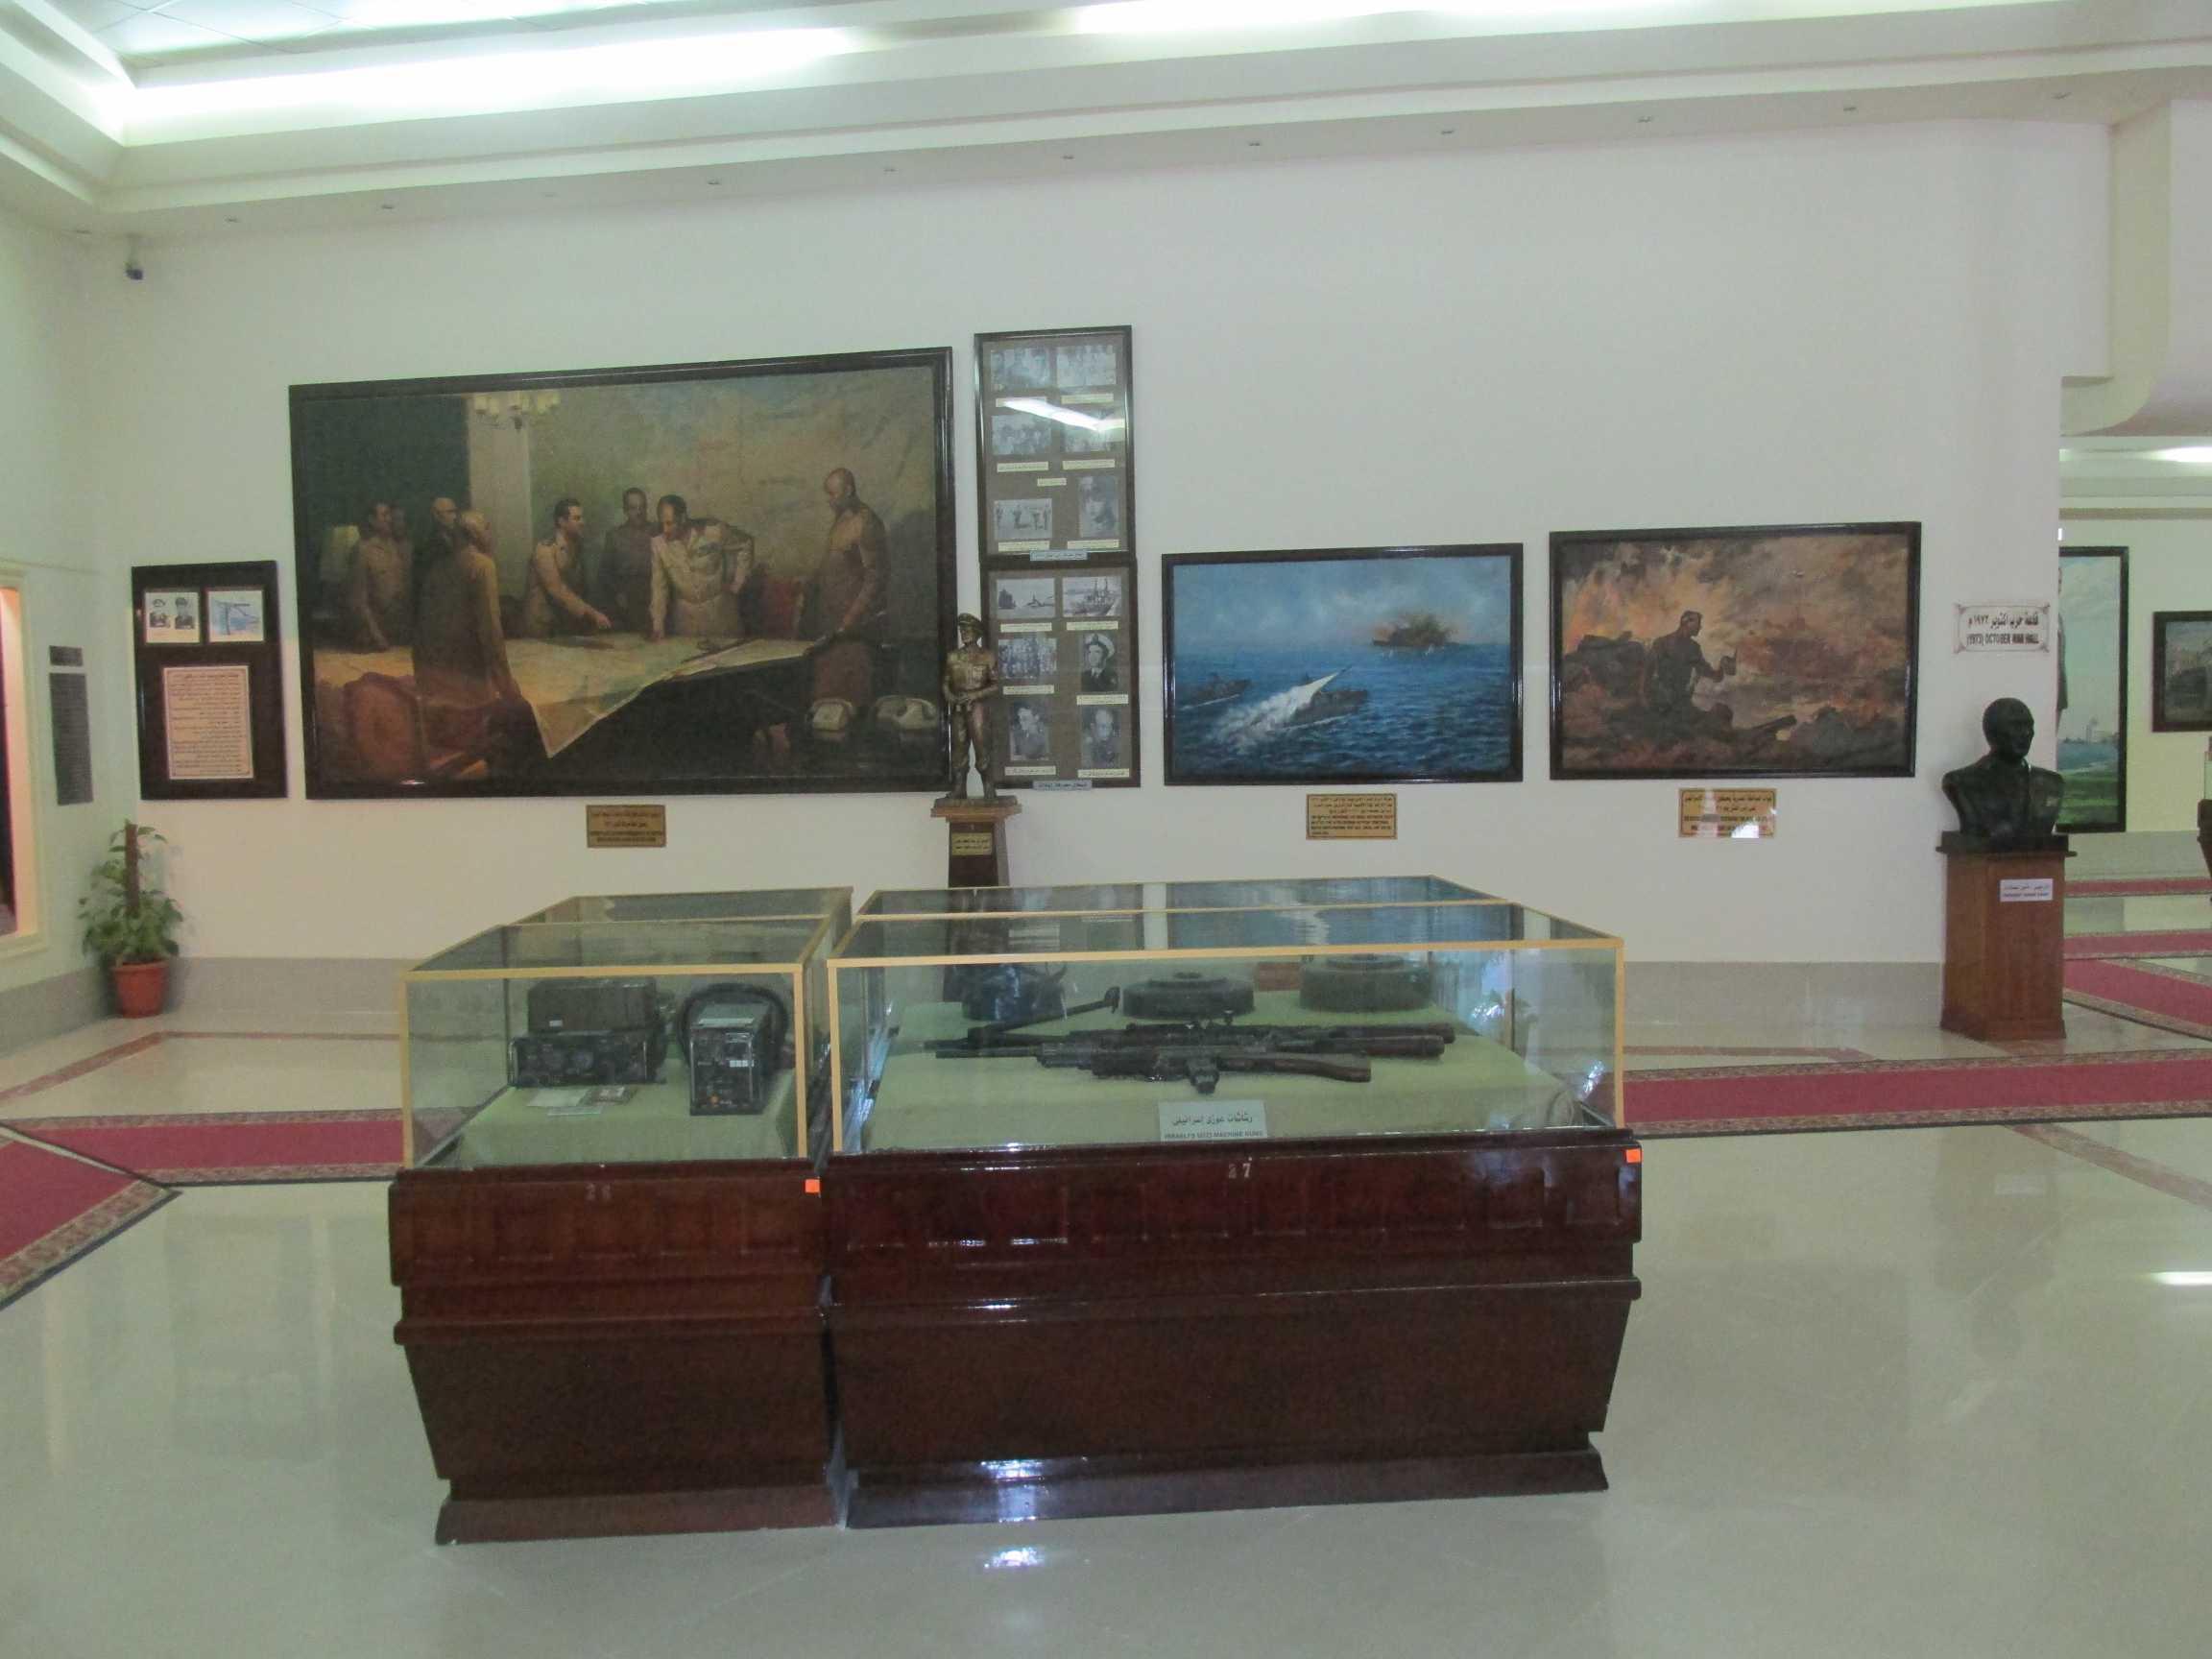 المتحف الحربي بمحافظة بورسعيد (3)